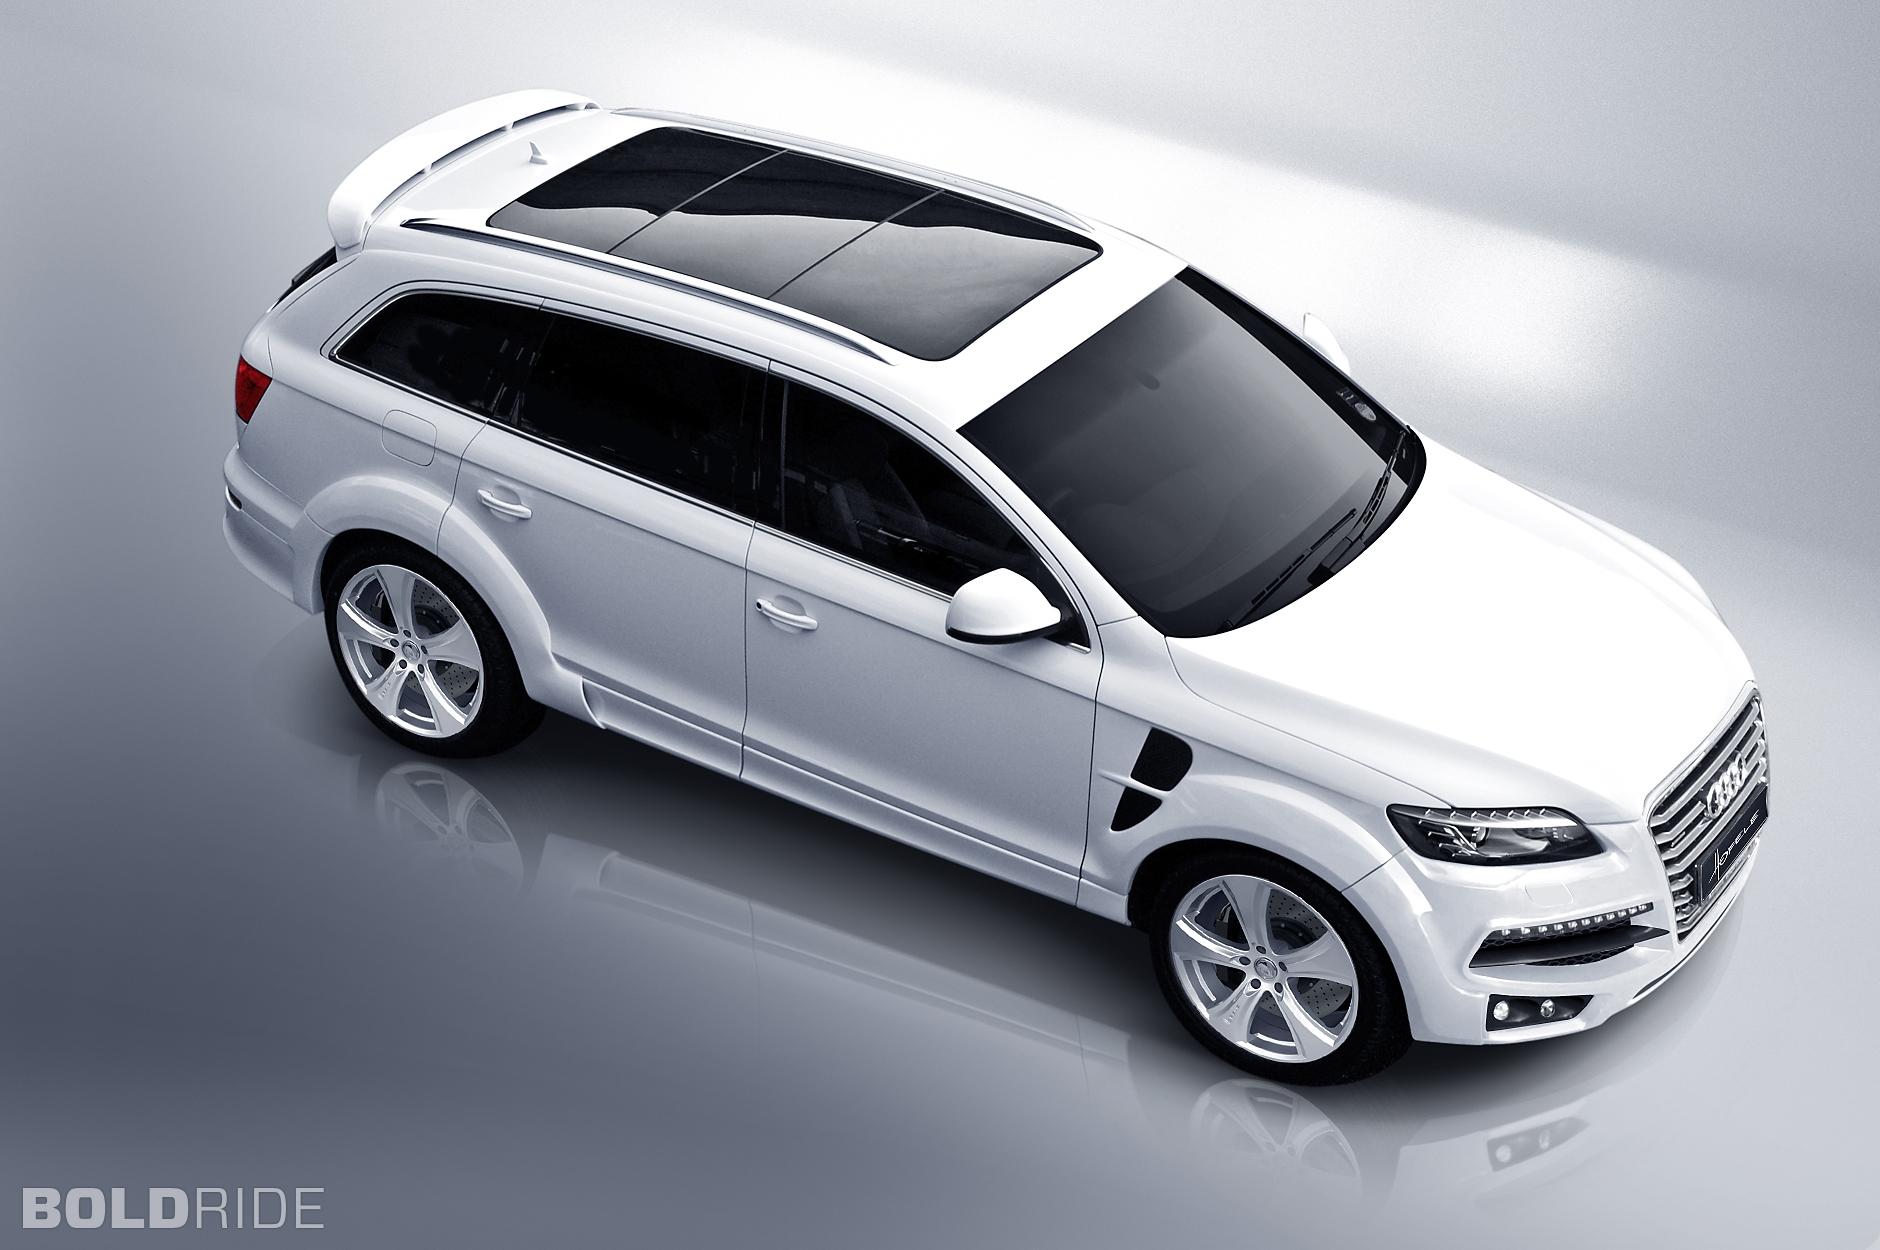 Audi Q7 >> 2013 AUDI Q7 - Image #19